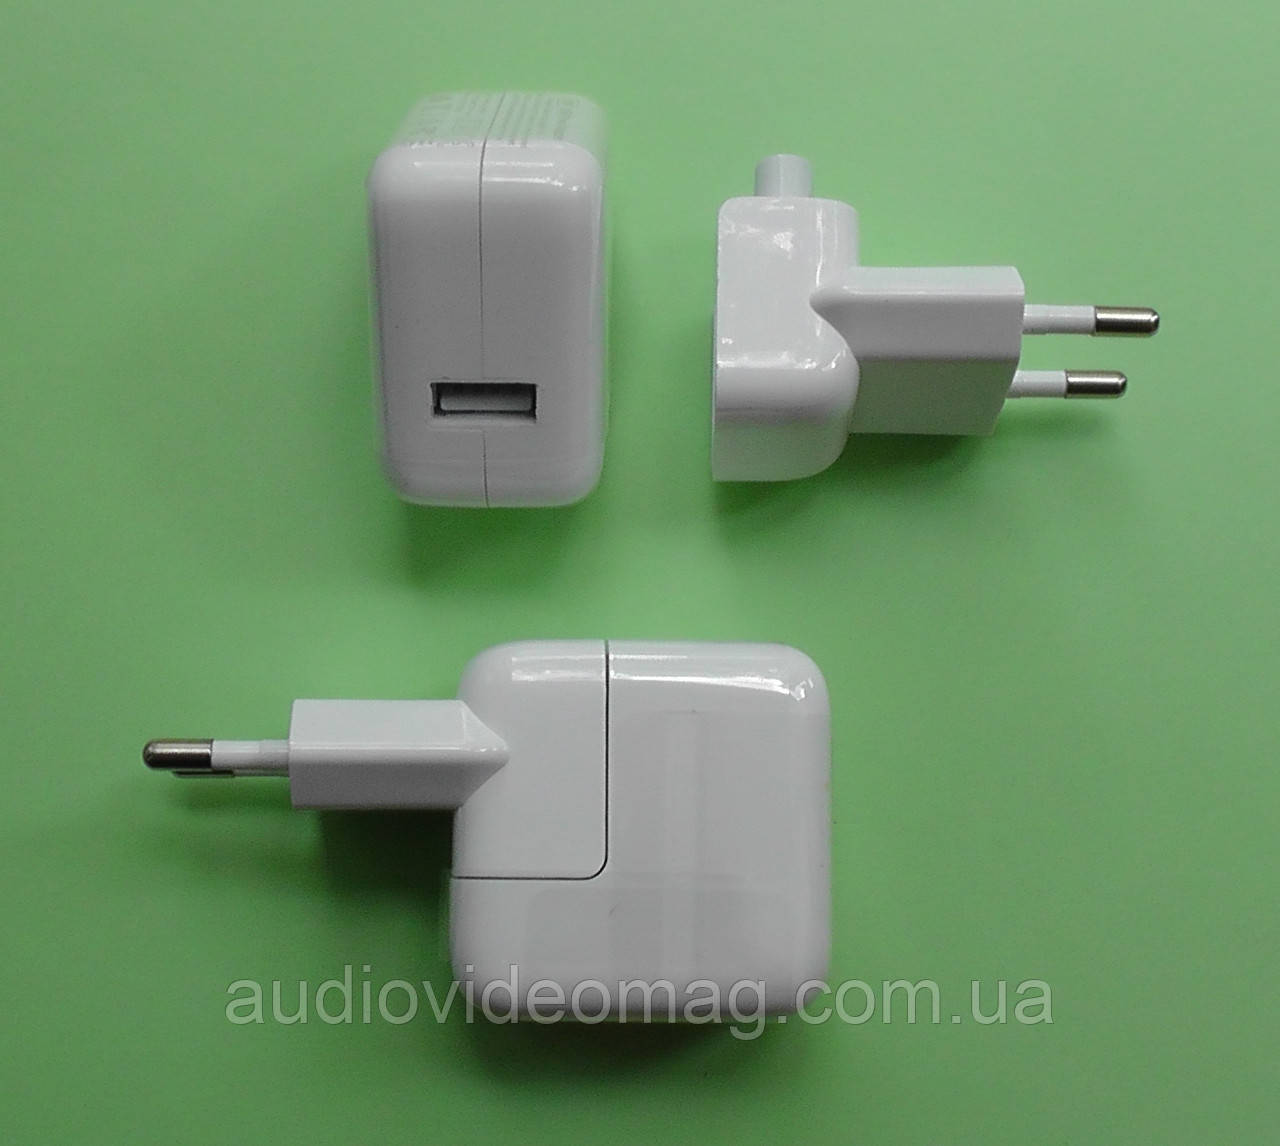 Блок питания КУБ USB 5.2V 2.4A 12Wt , белый